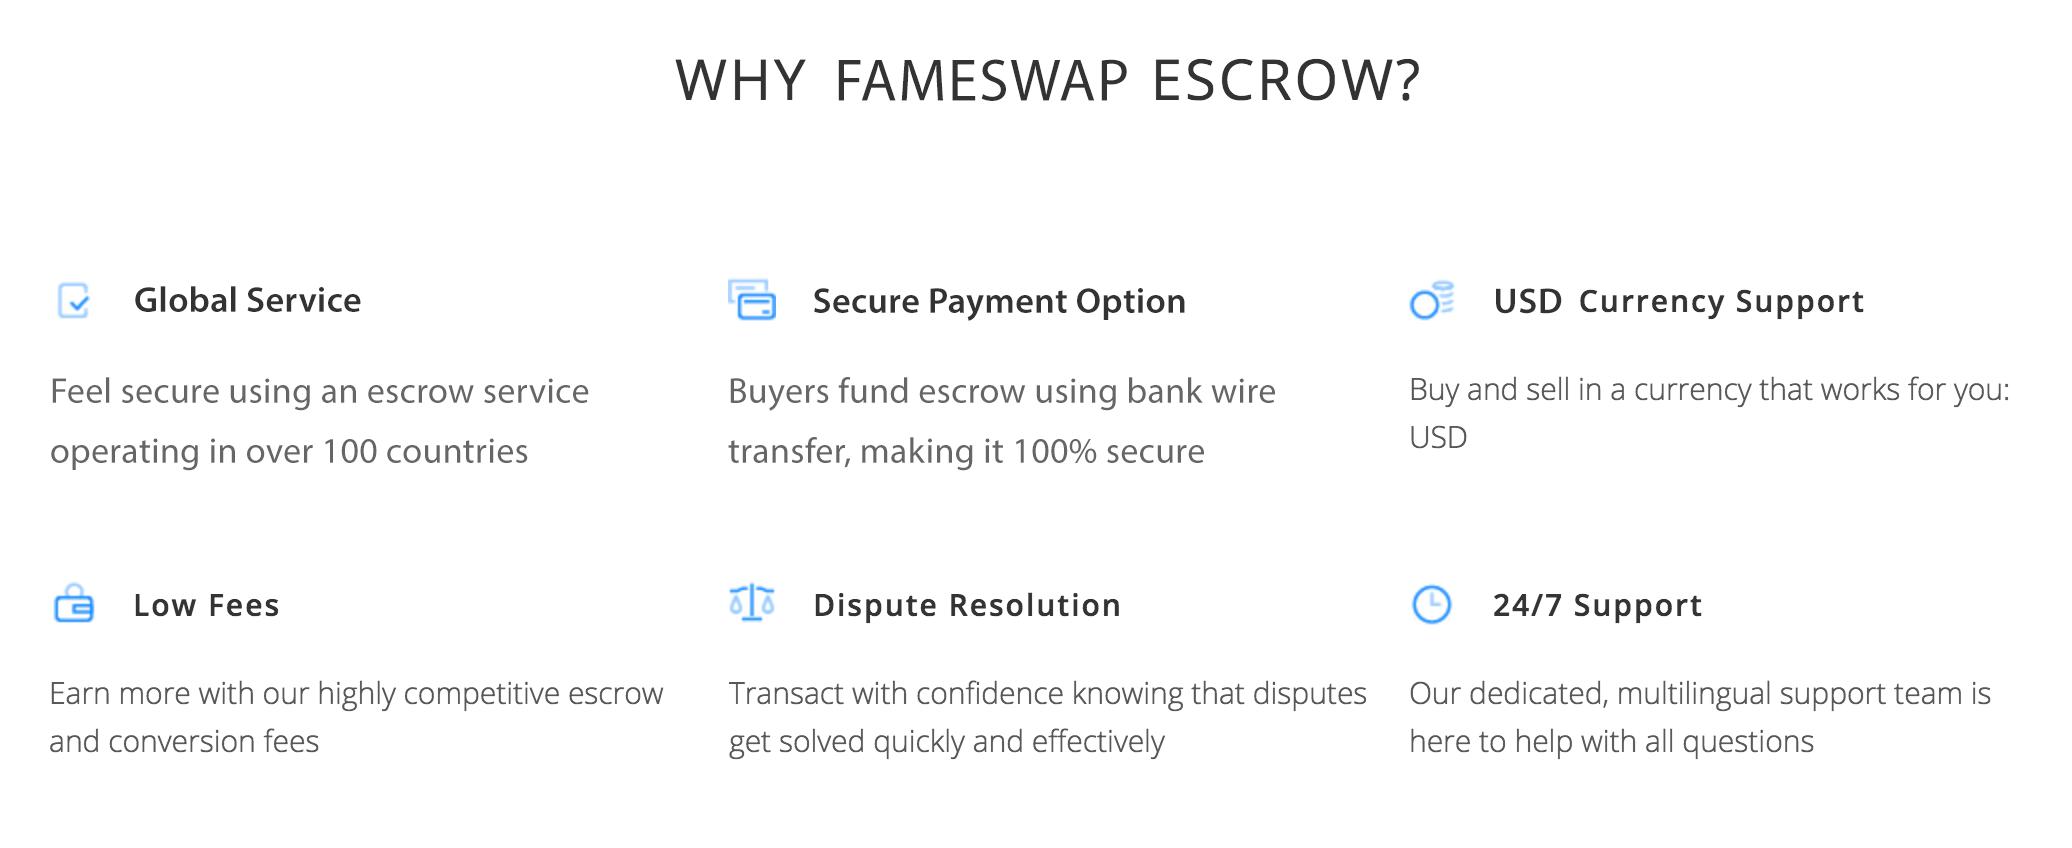 Fameswap Escrow Service